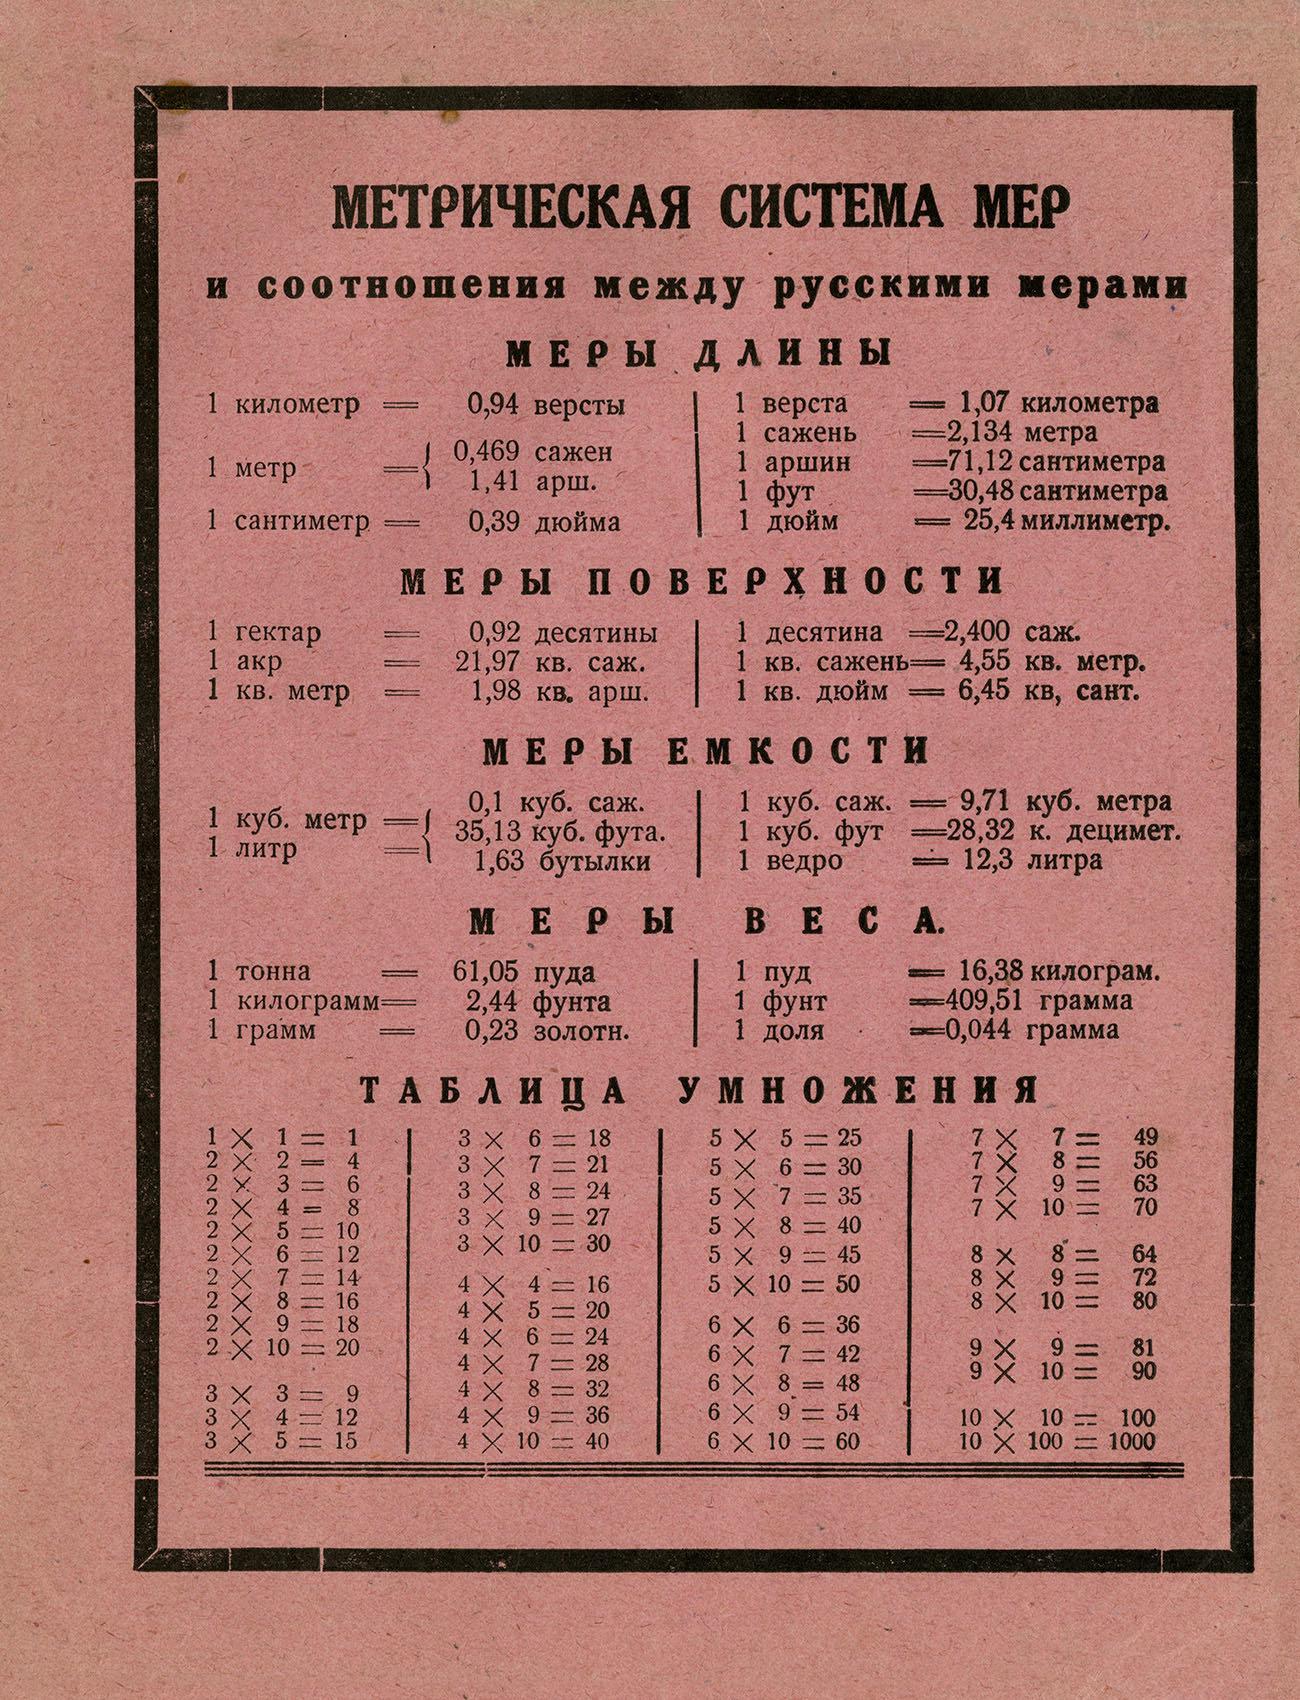 Тетрадь НКЦРК, 218х168, оборот